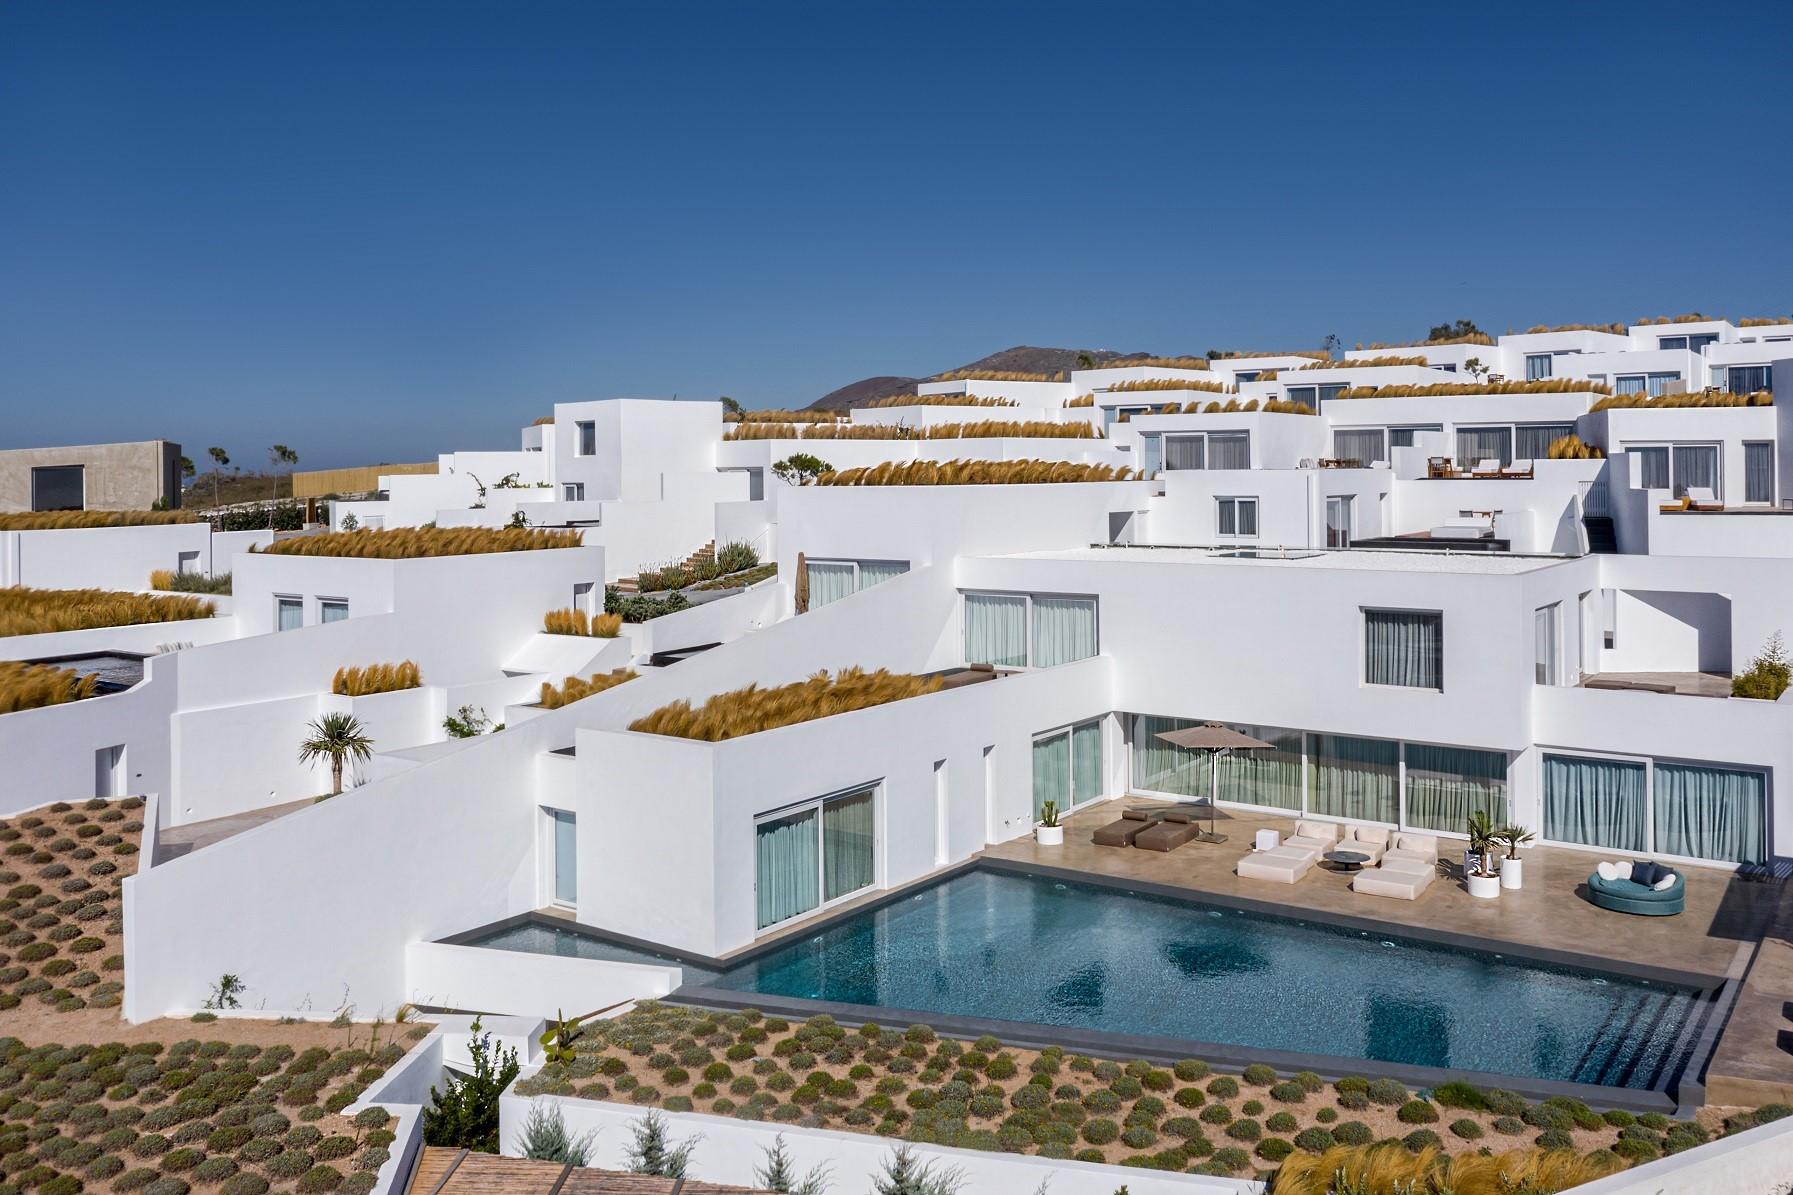 pool villas oia santorini